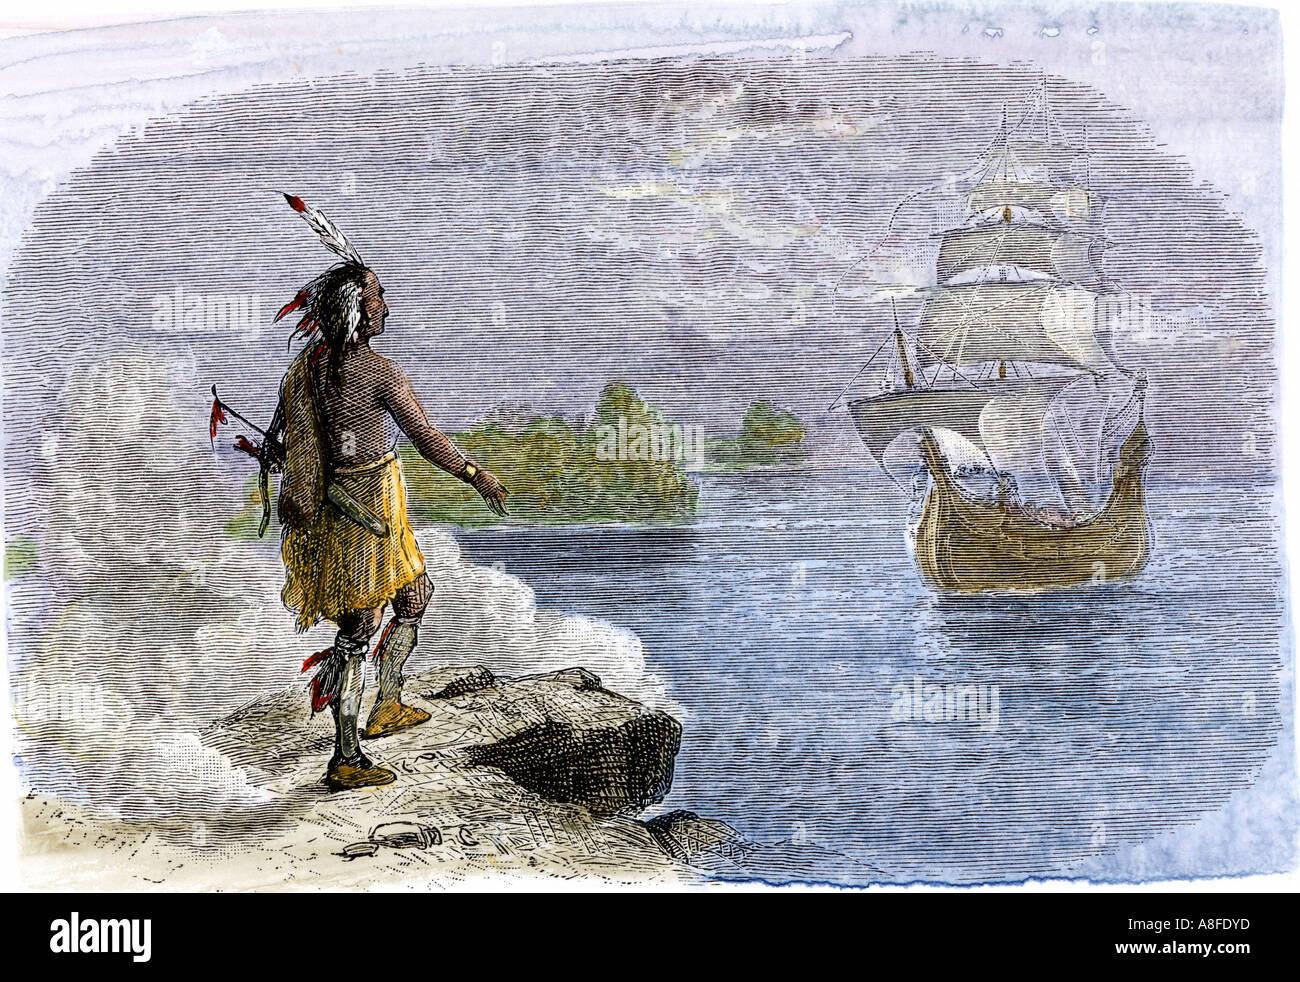 Native American Gruß der Mayflower in 1620. Hand - farbige Holzschnitt Stockbild